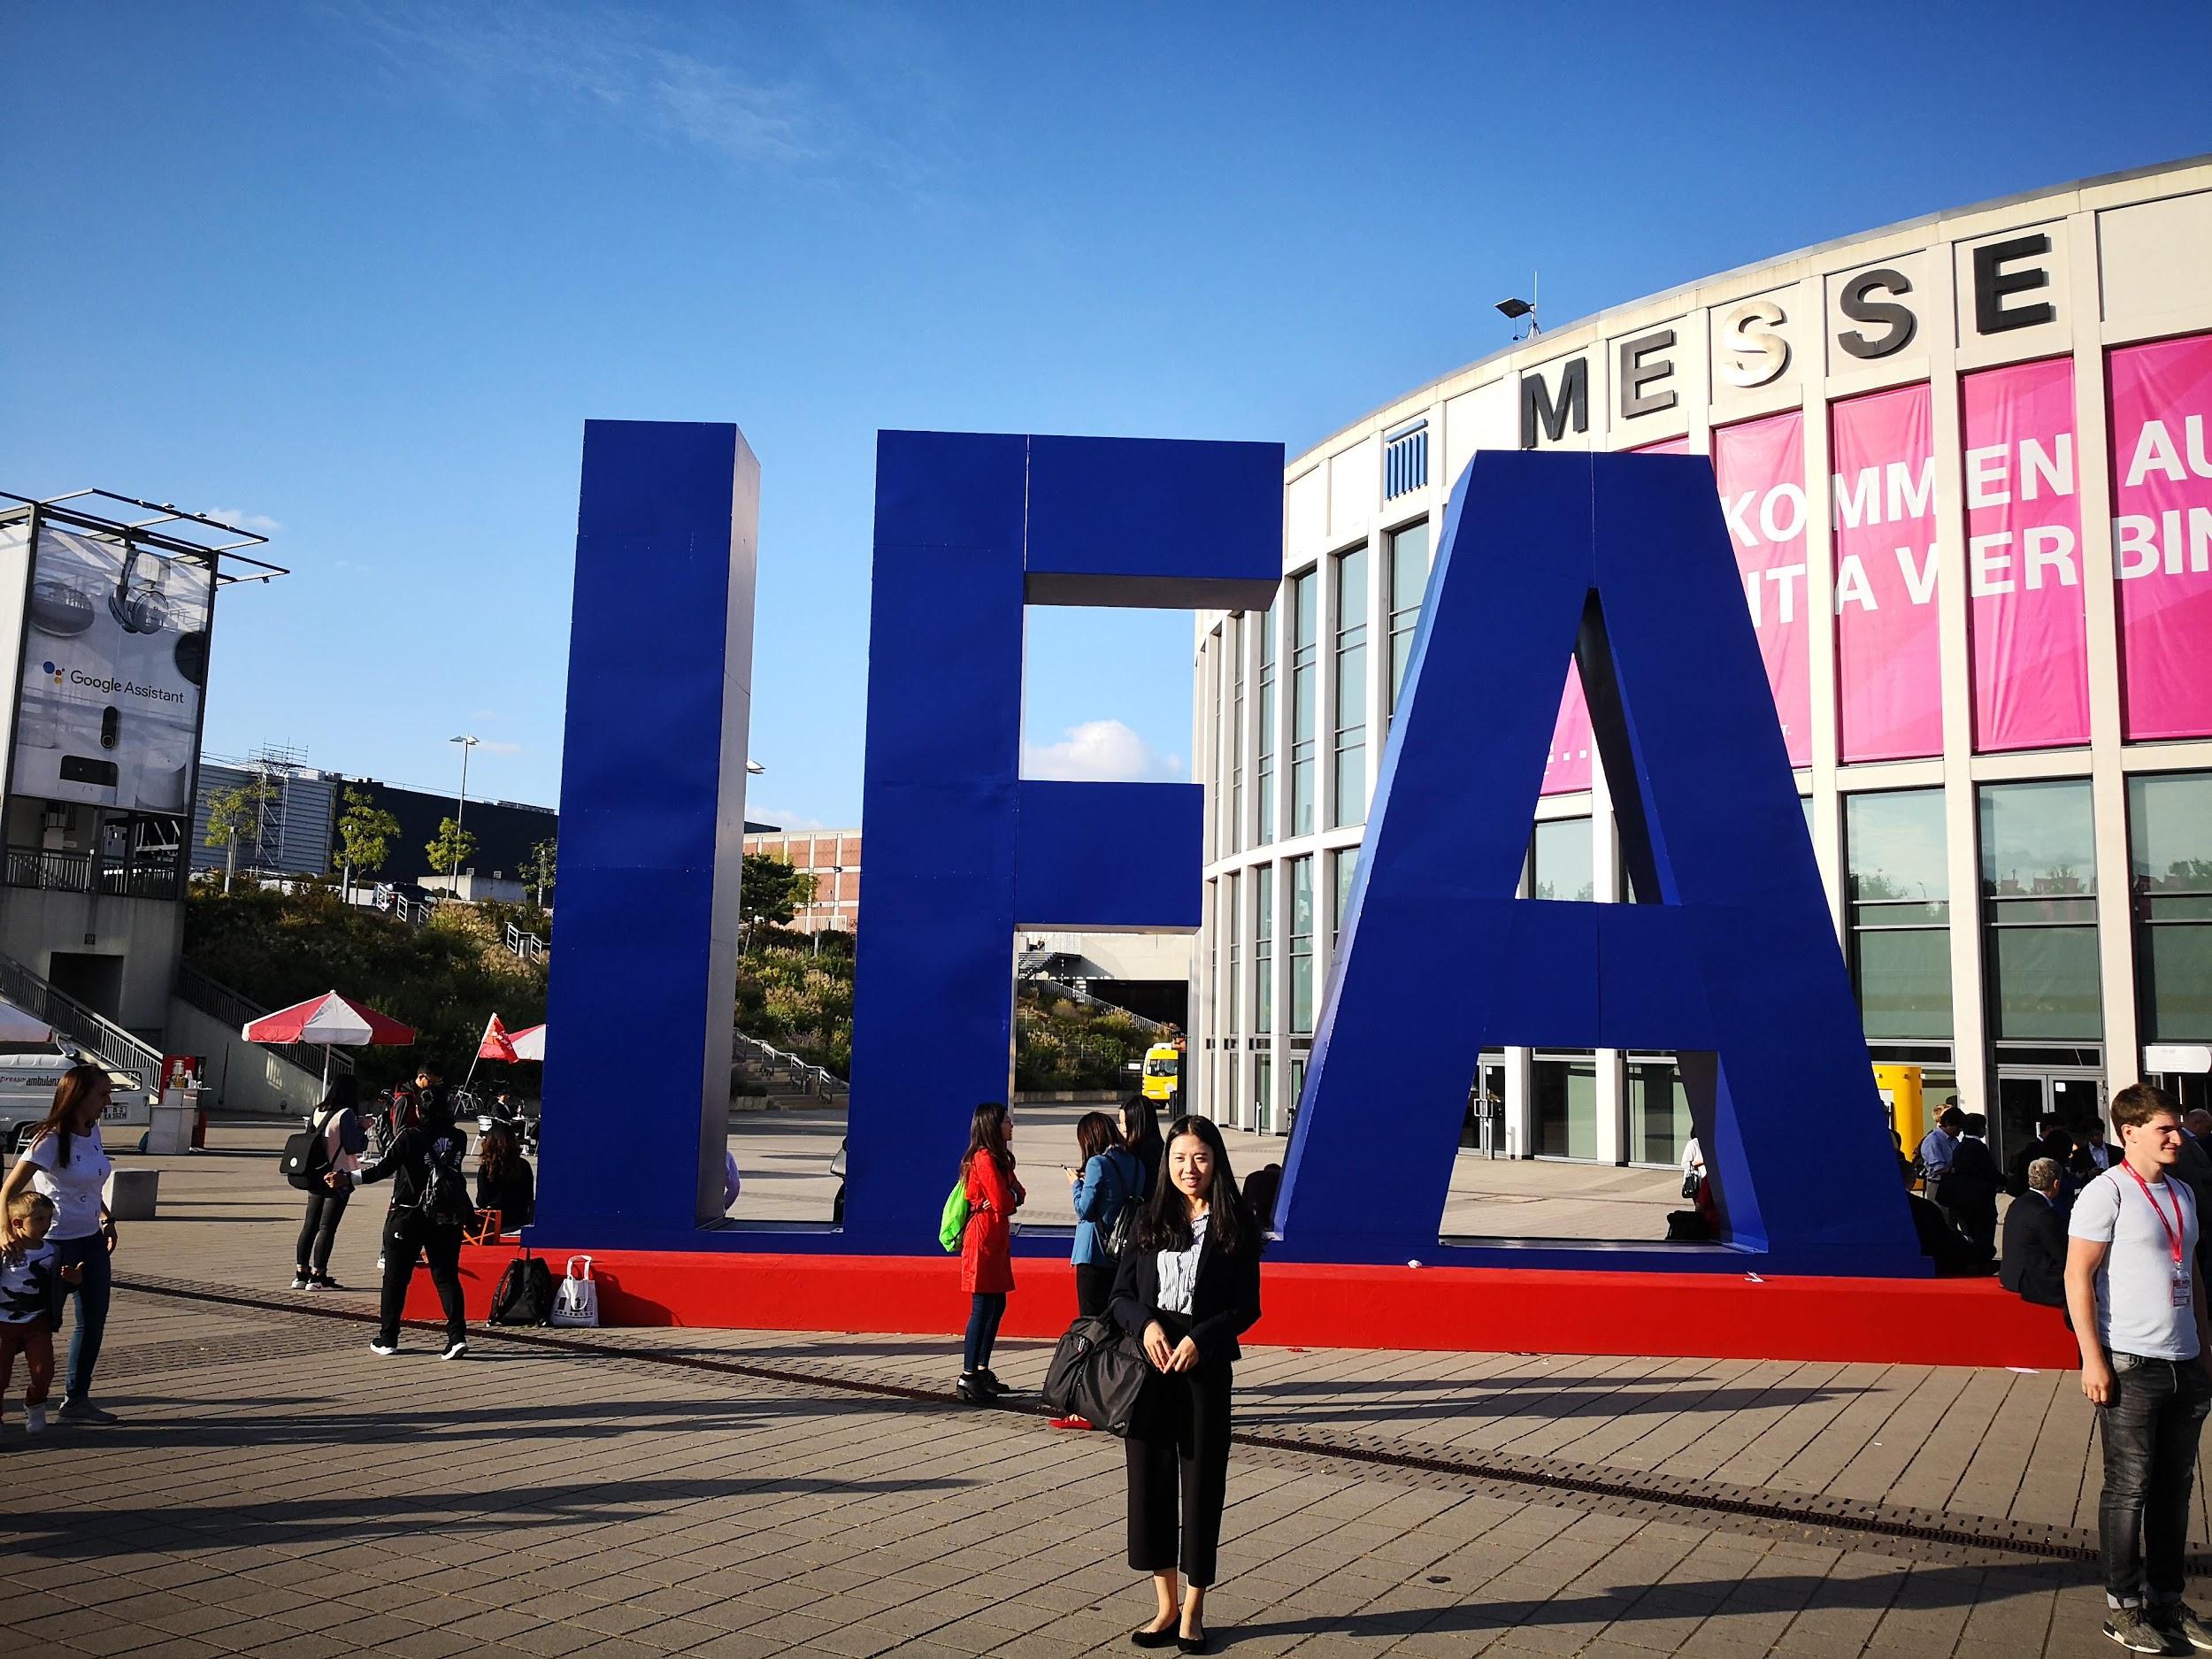 IFA Berlin 2018 logo outside of Messe, Berlin